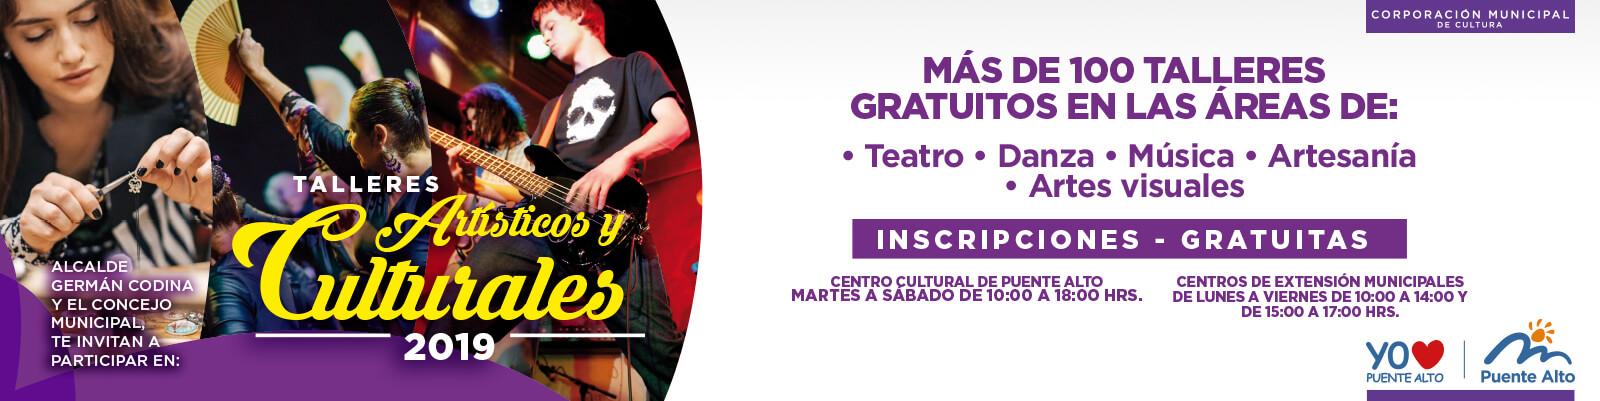 Nuevos cupos para Talleres Culturales 2019.